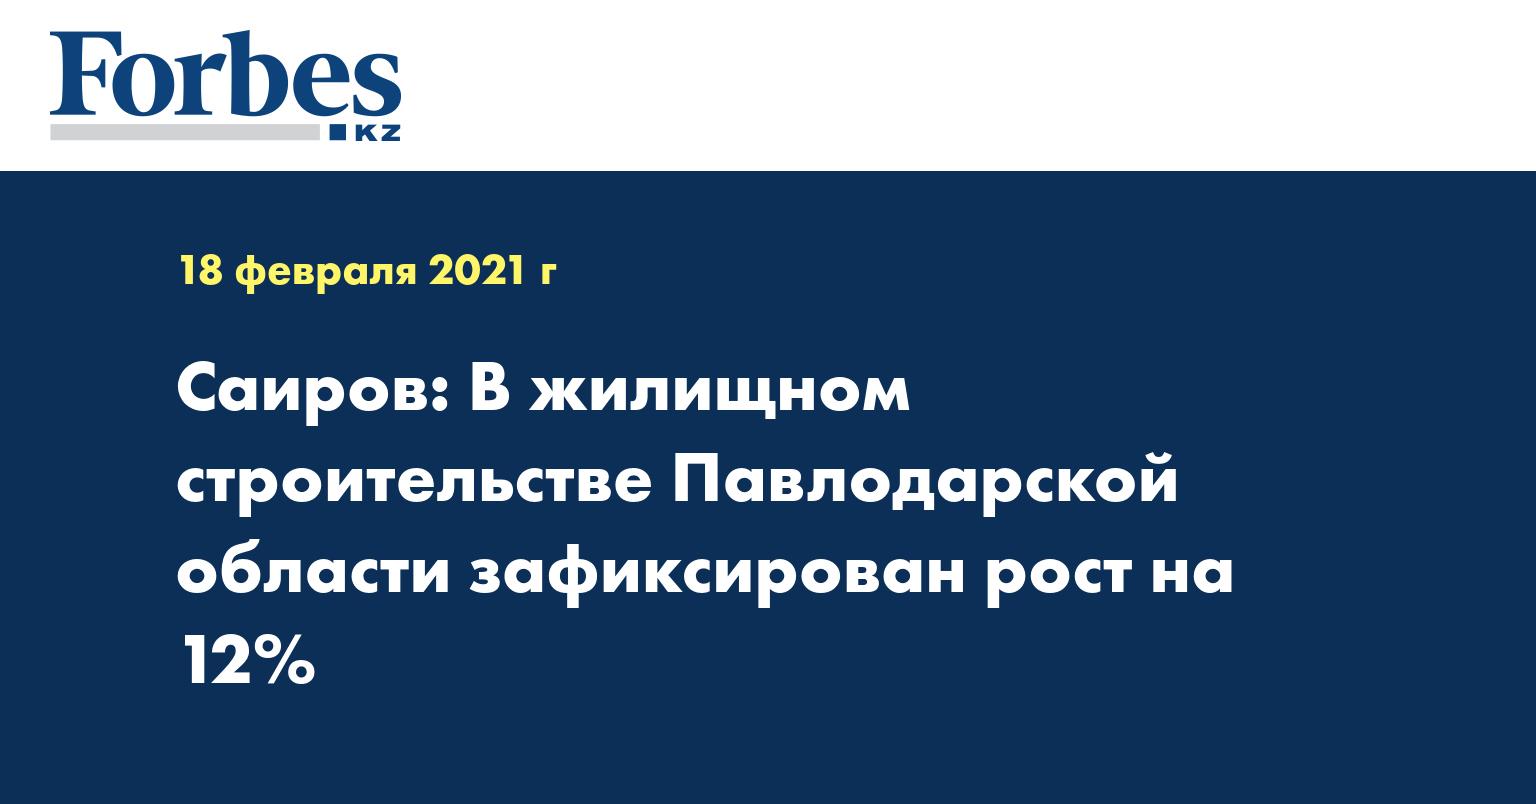 Скаков: В жилищном строительстве Павлодарской области зафиксирован рост на 12%